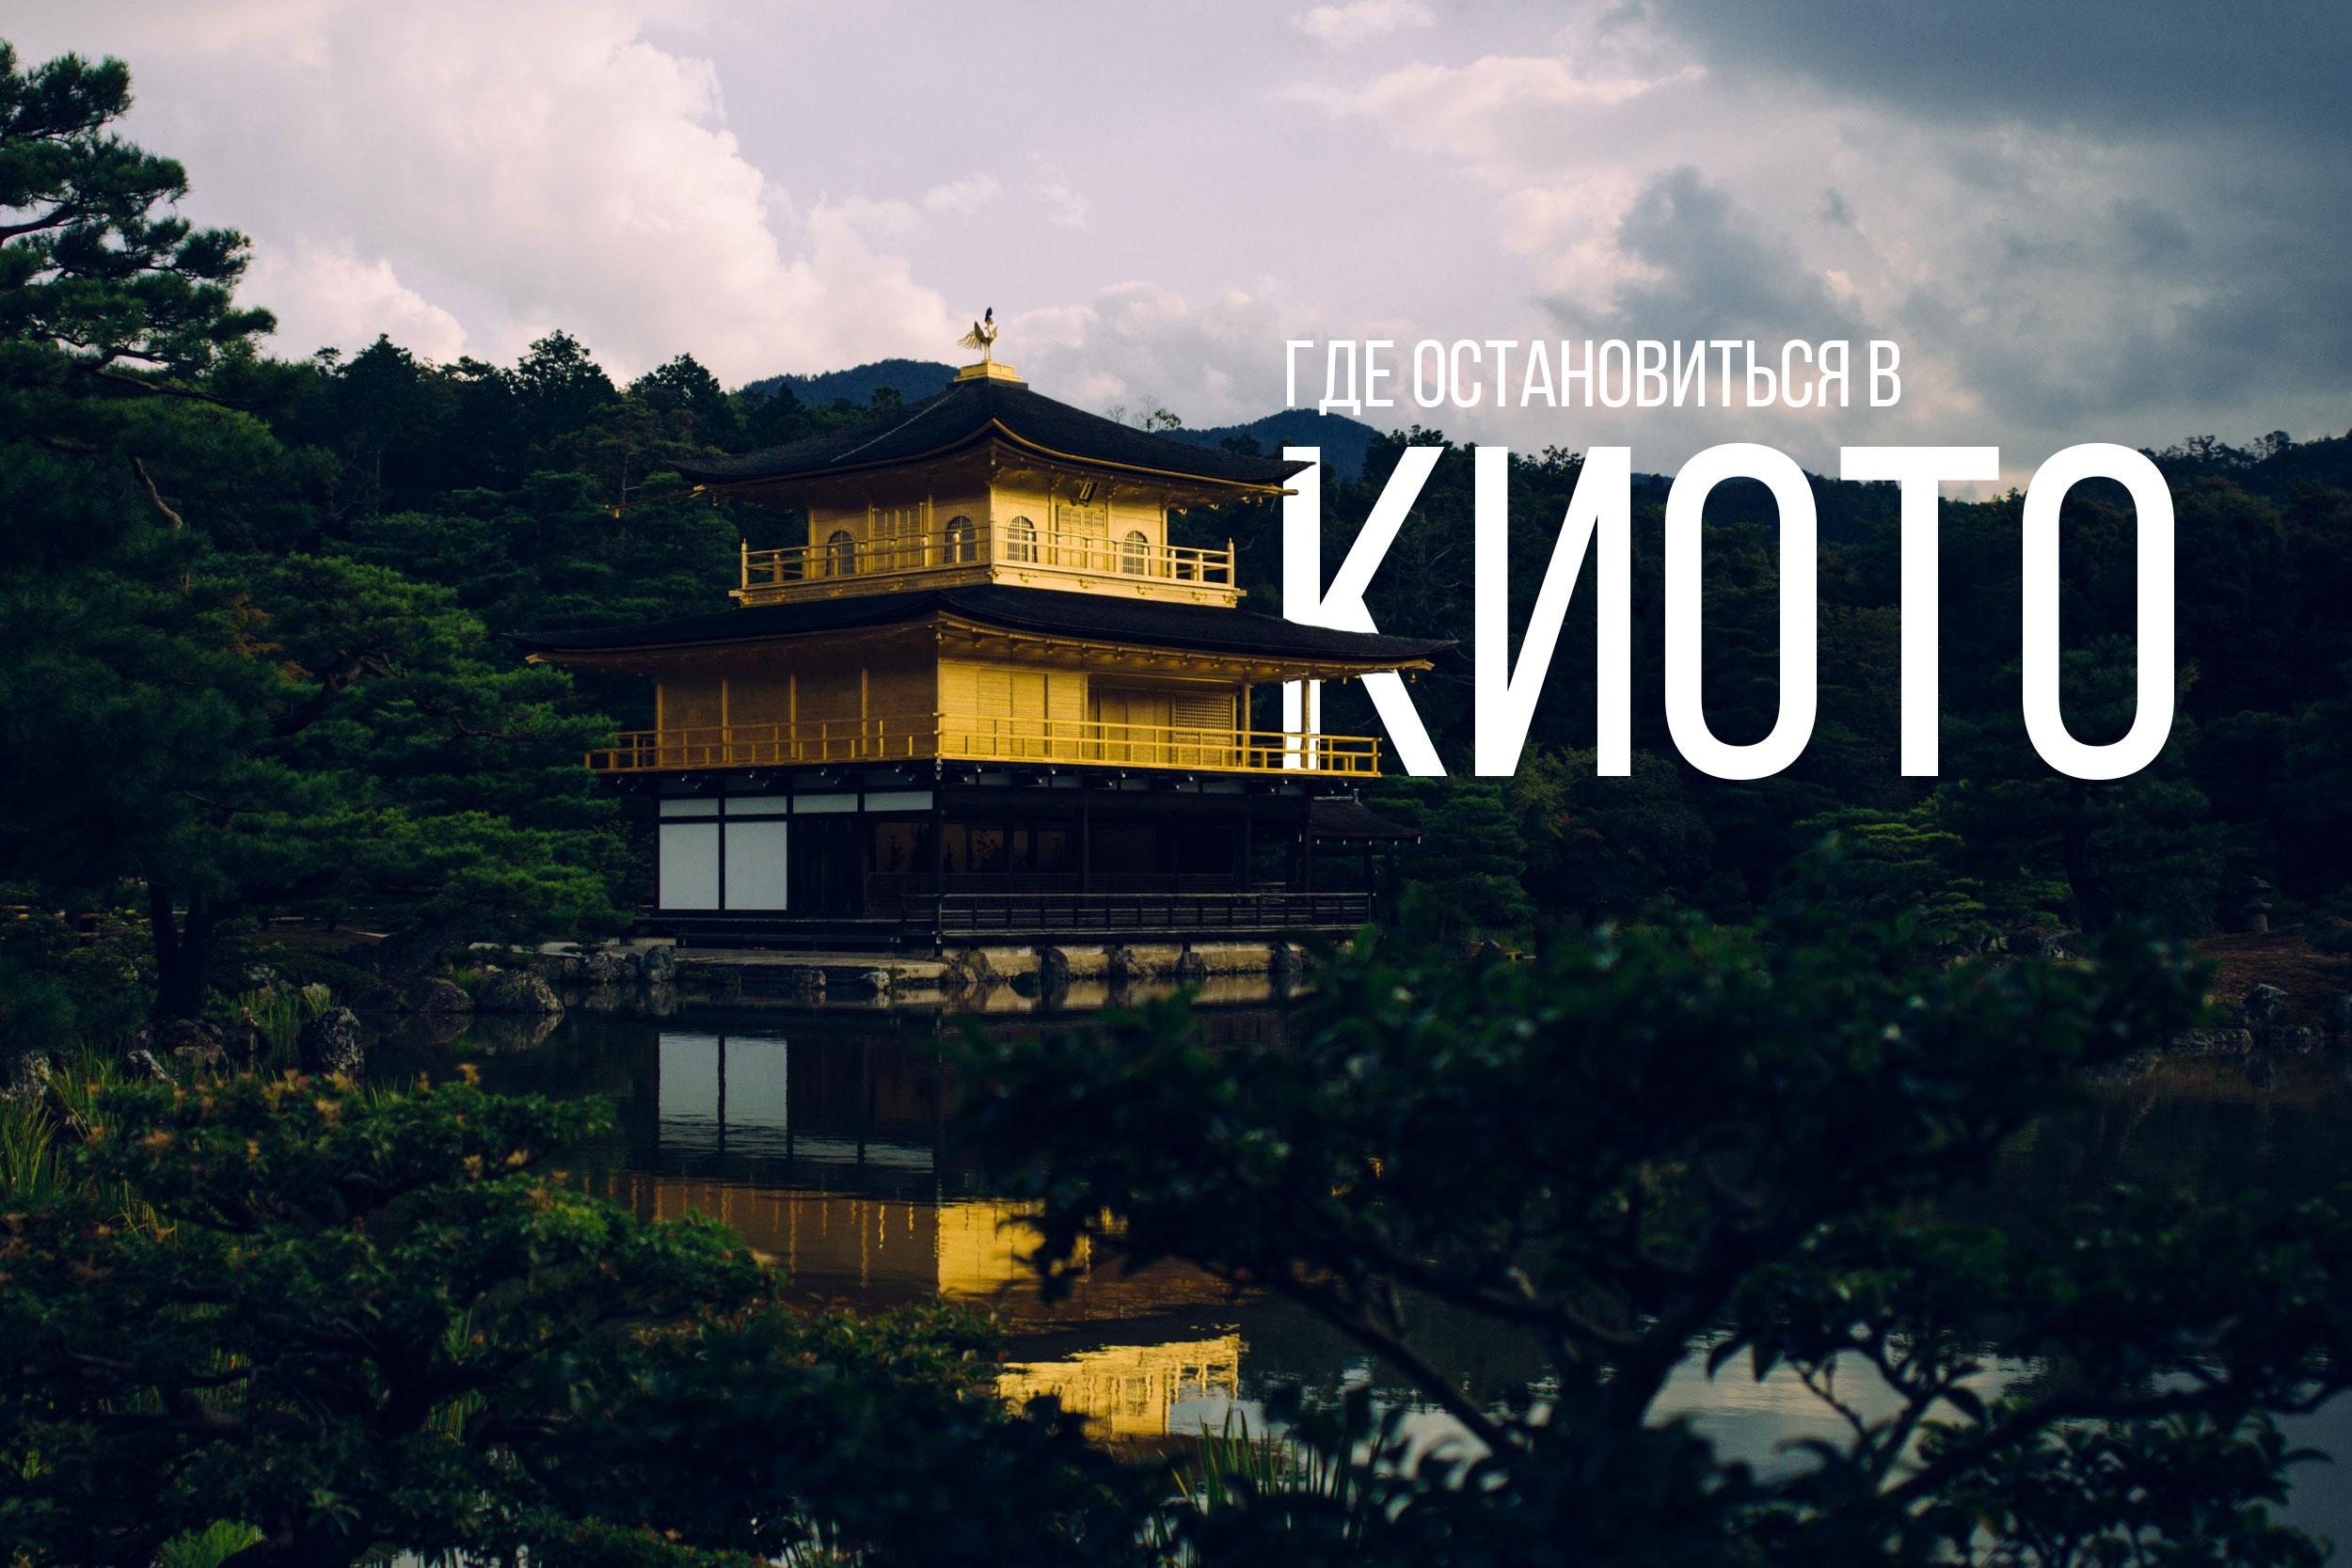 Самостоятельное путешествие Где остановиться в Киото, Япония